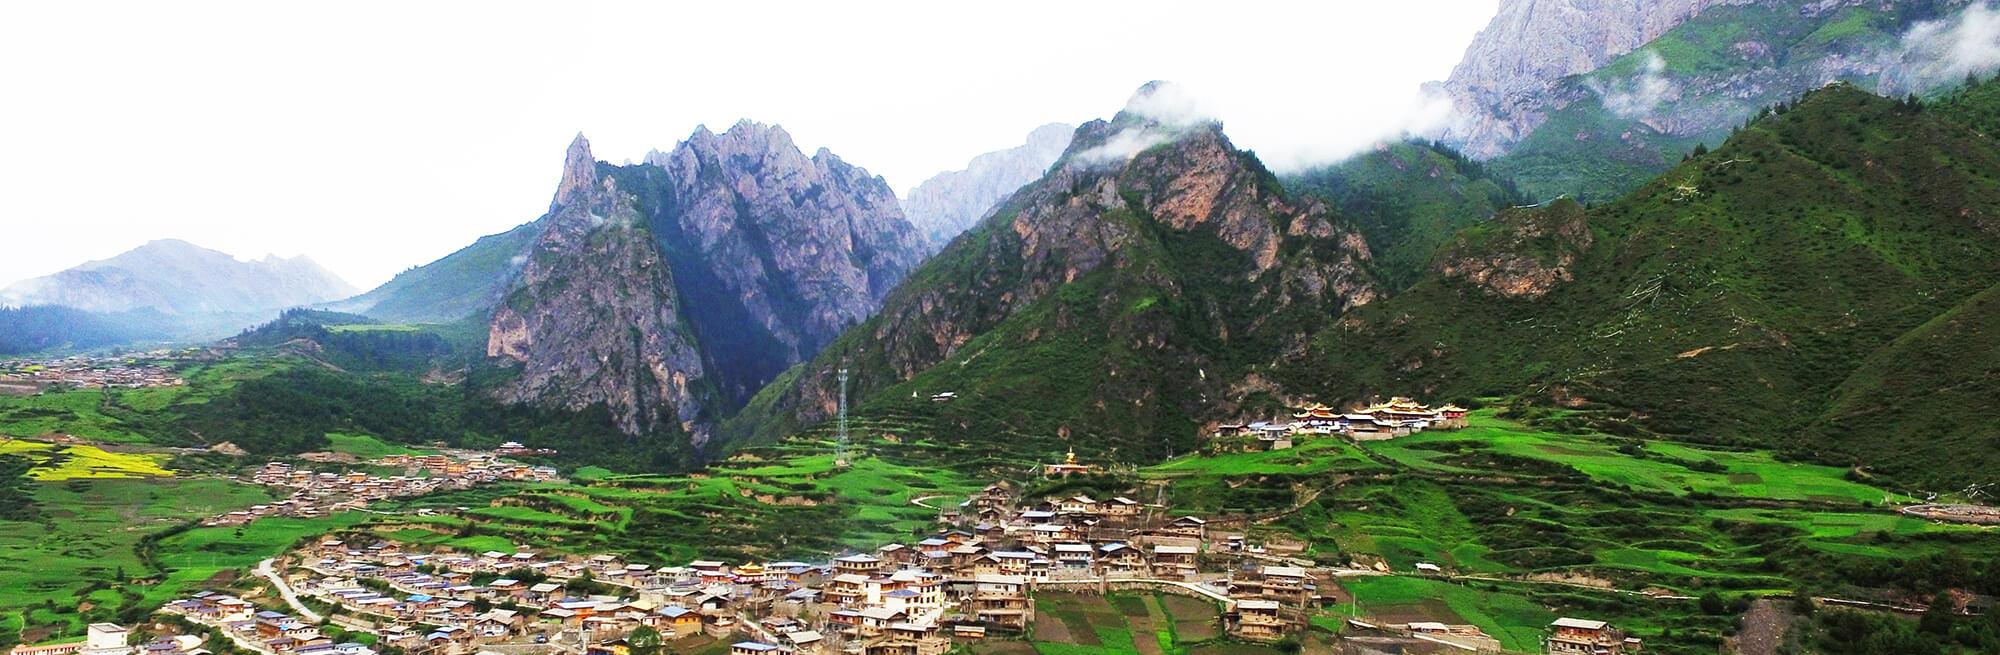 """雨後""""遺世""""藏寨風情——迭部扎尕那"""